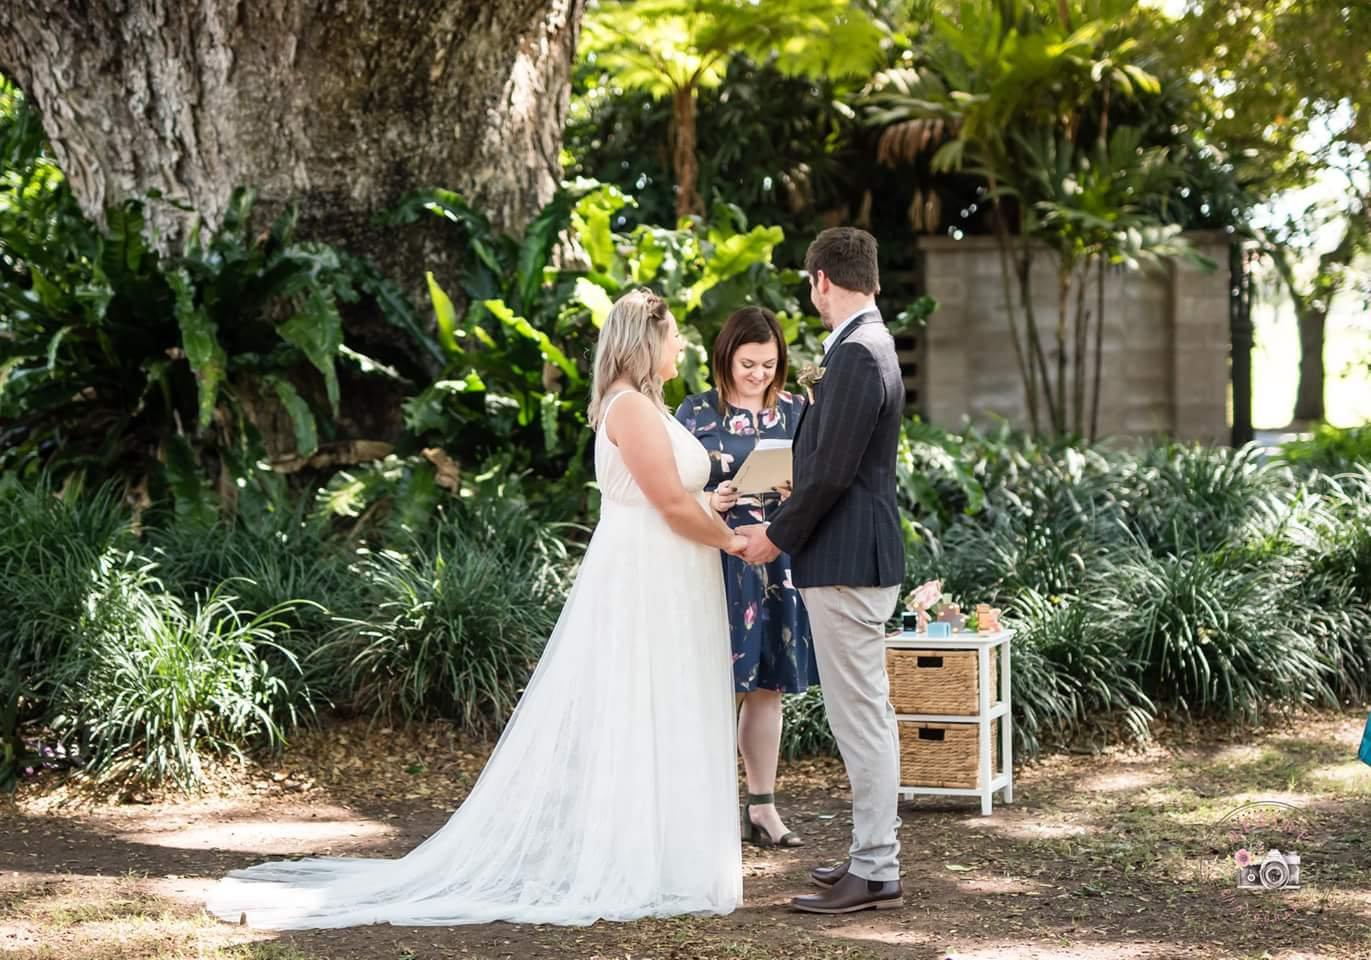 The Mid Week Elopement Wedding